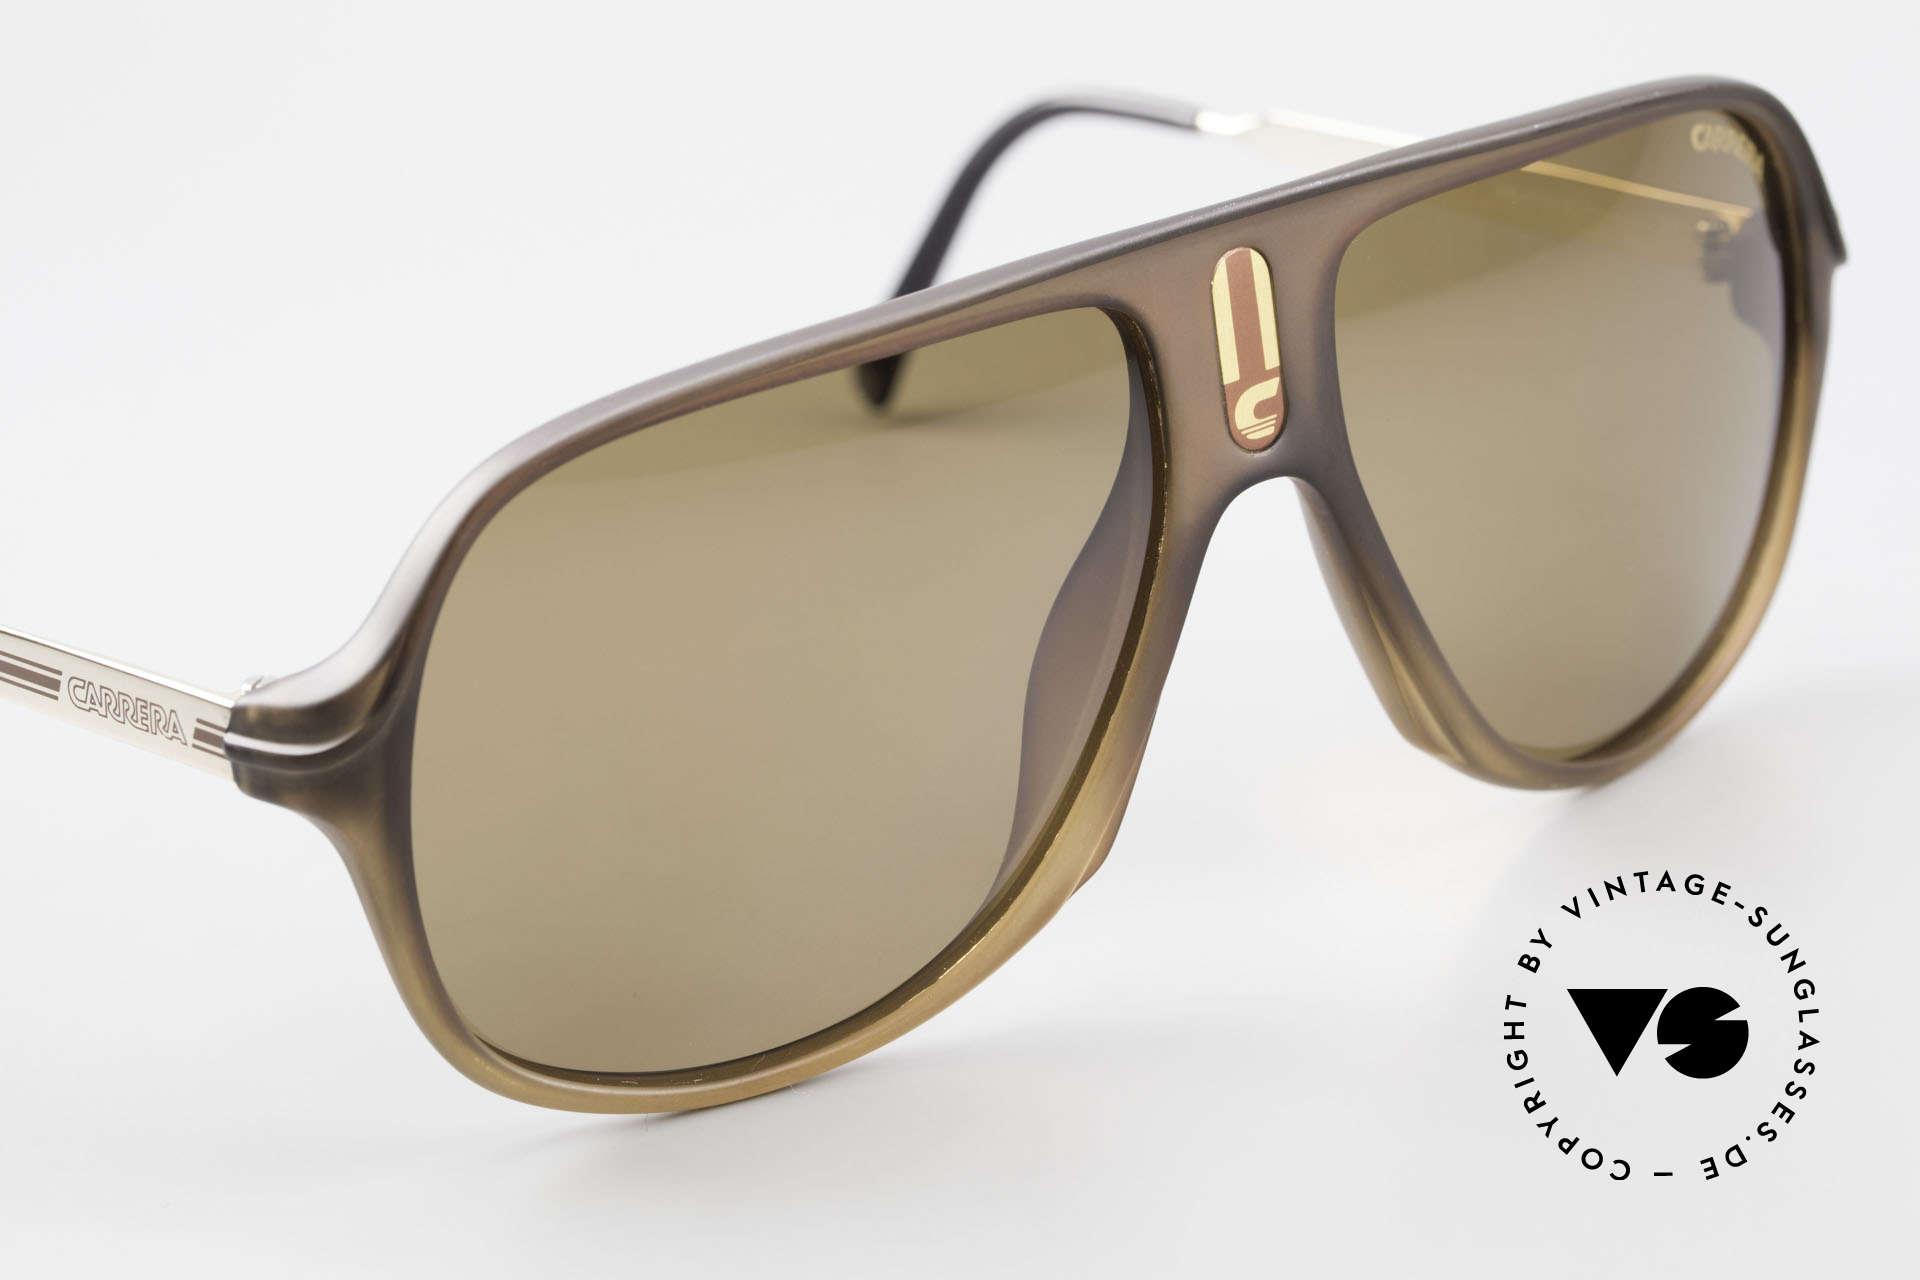 Carrera 5547 Polarisierende Sonnenbrille, KEINE Retrosonnenbrille; ein vintage 80er Original!, Passend für Herren